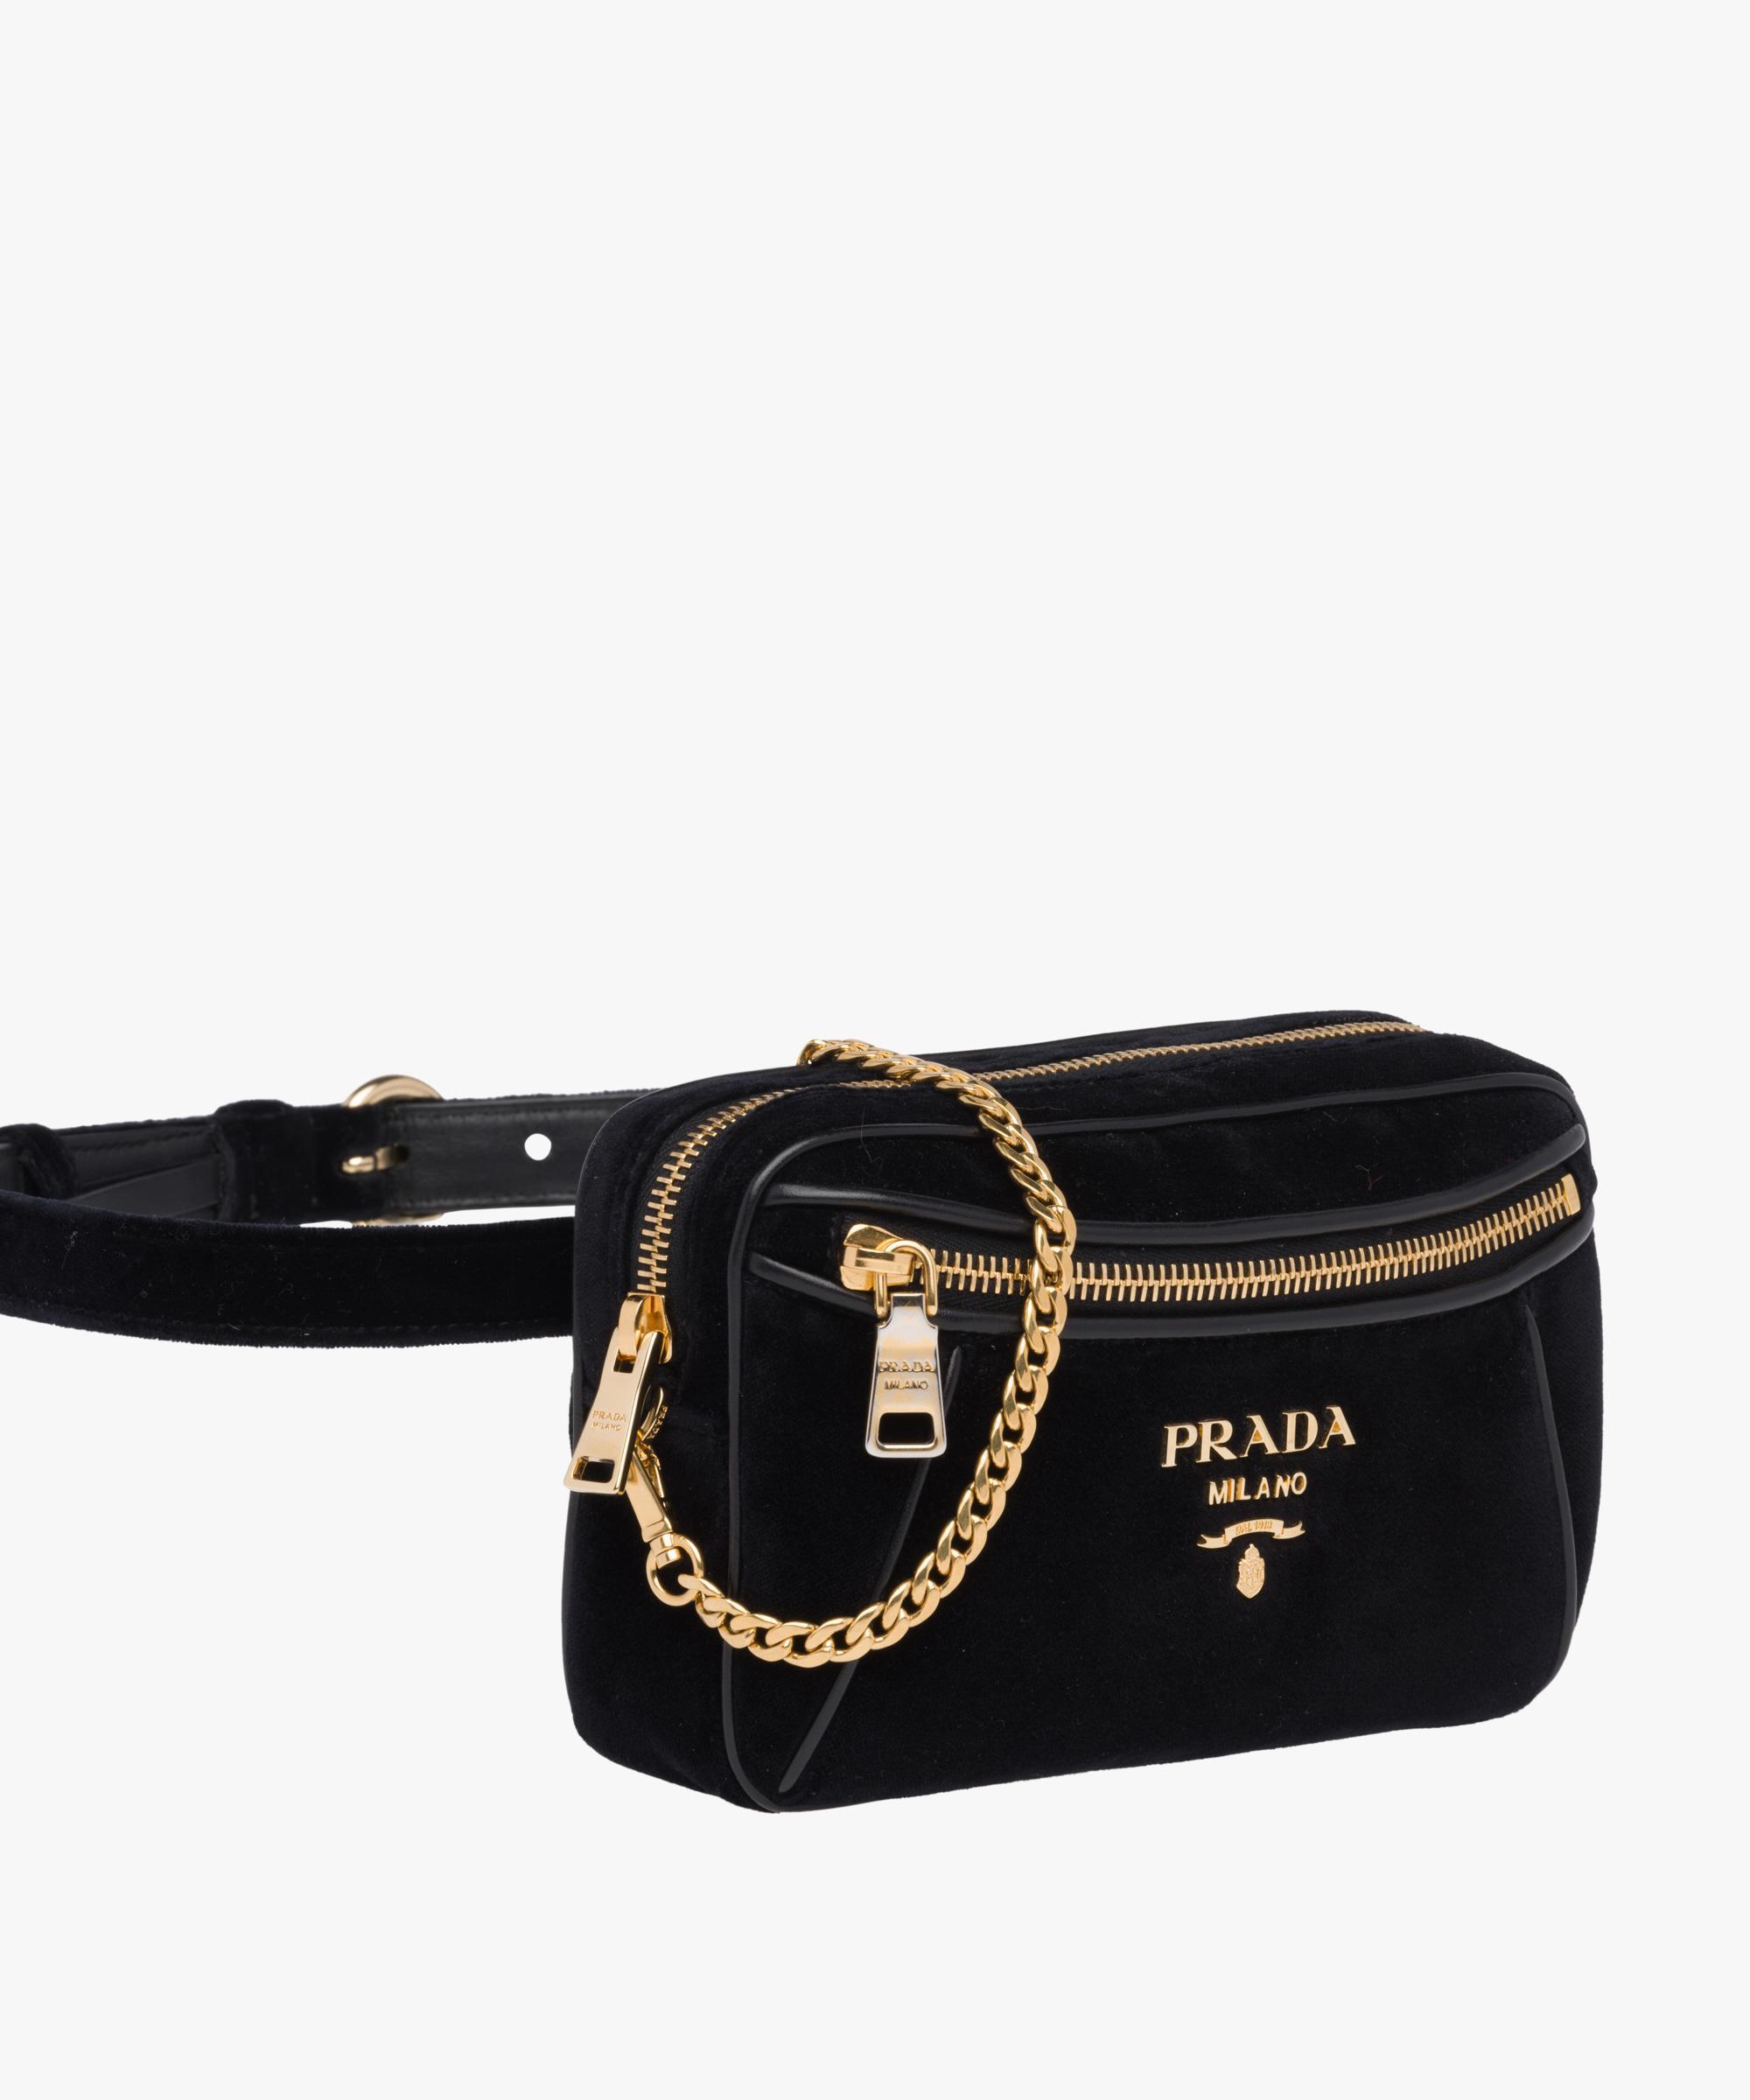 e7bd837f2 Prada Velvet And Leather Belt Bag in Black - Lyst